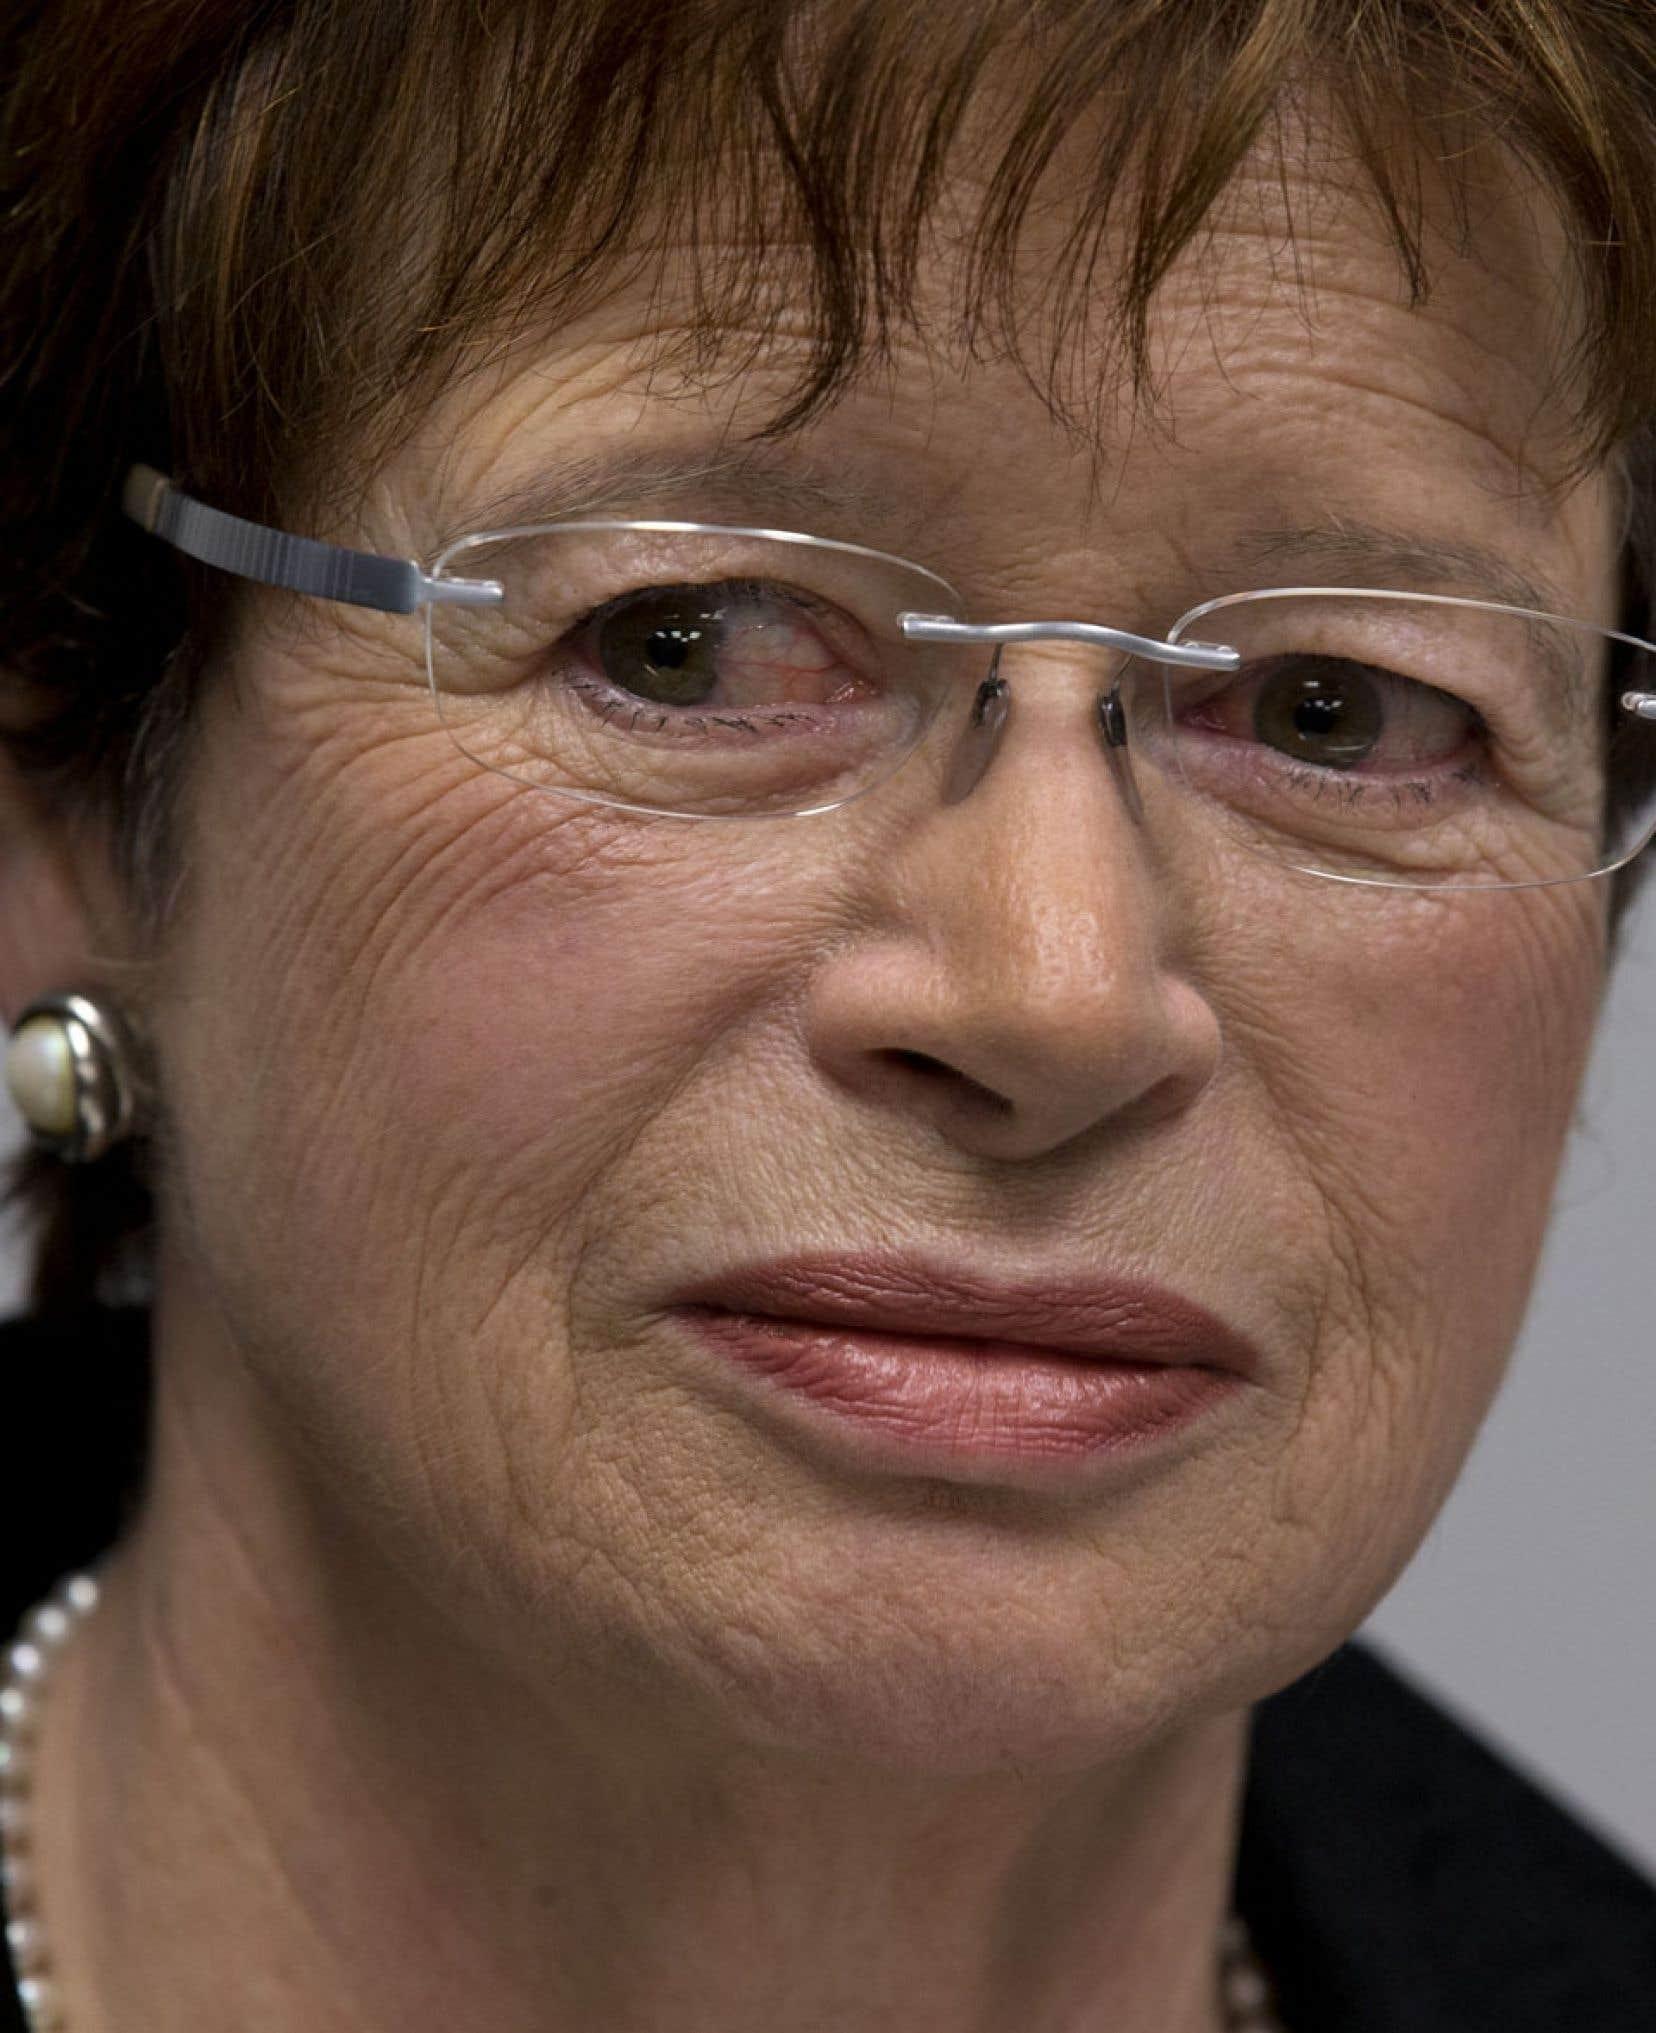 Marie Malavoy est députée dans la circonscription de Taillon depuis l'élection complémentaire de 2006 qui visait à combler le siège laissé vacant par le départ de Pauline Marois.